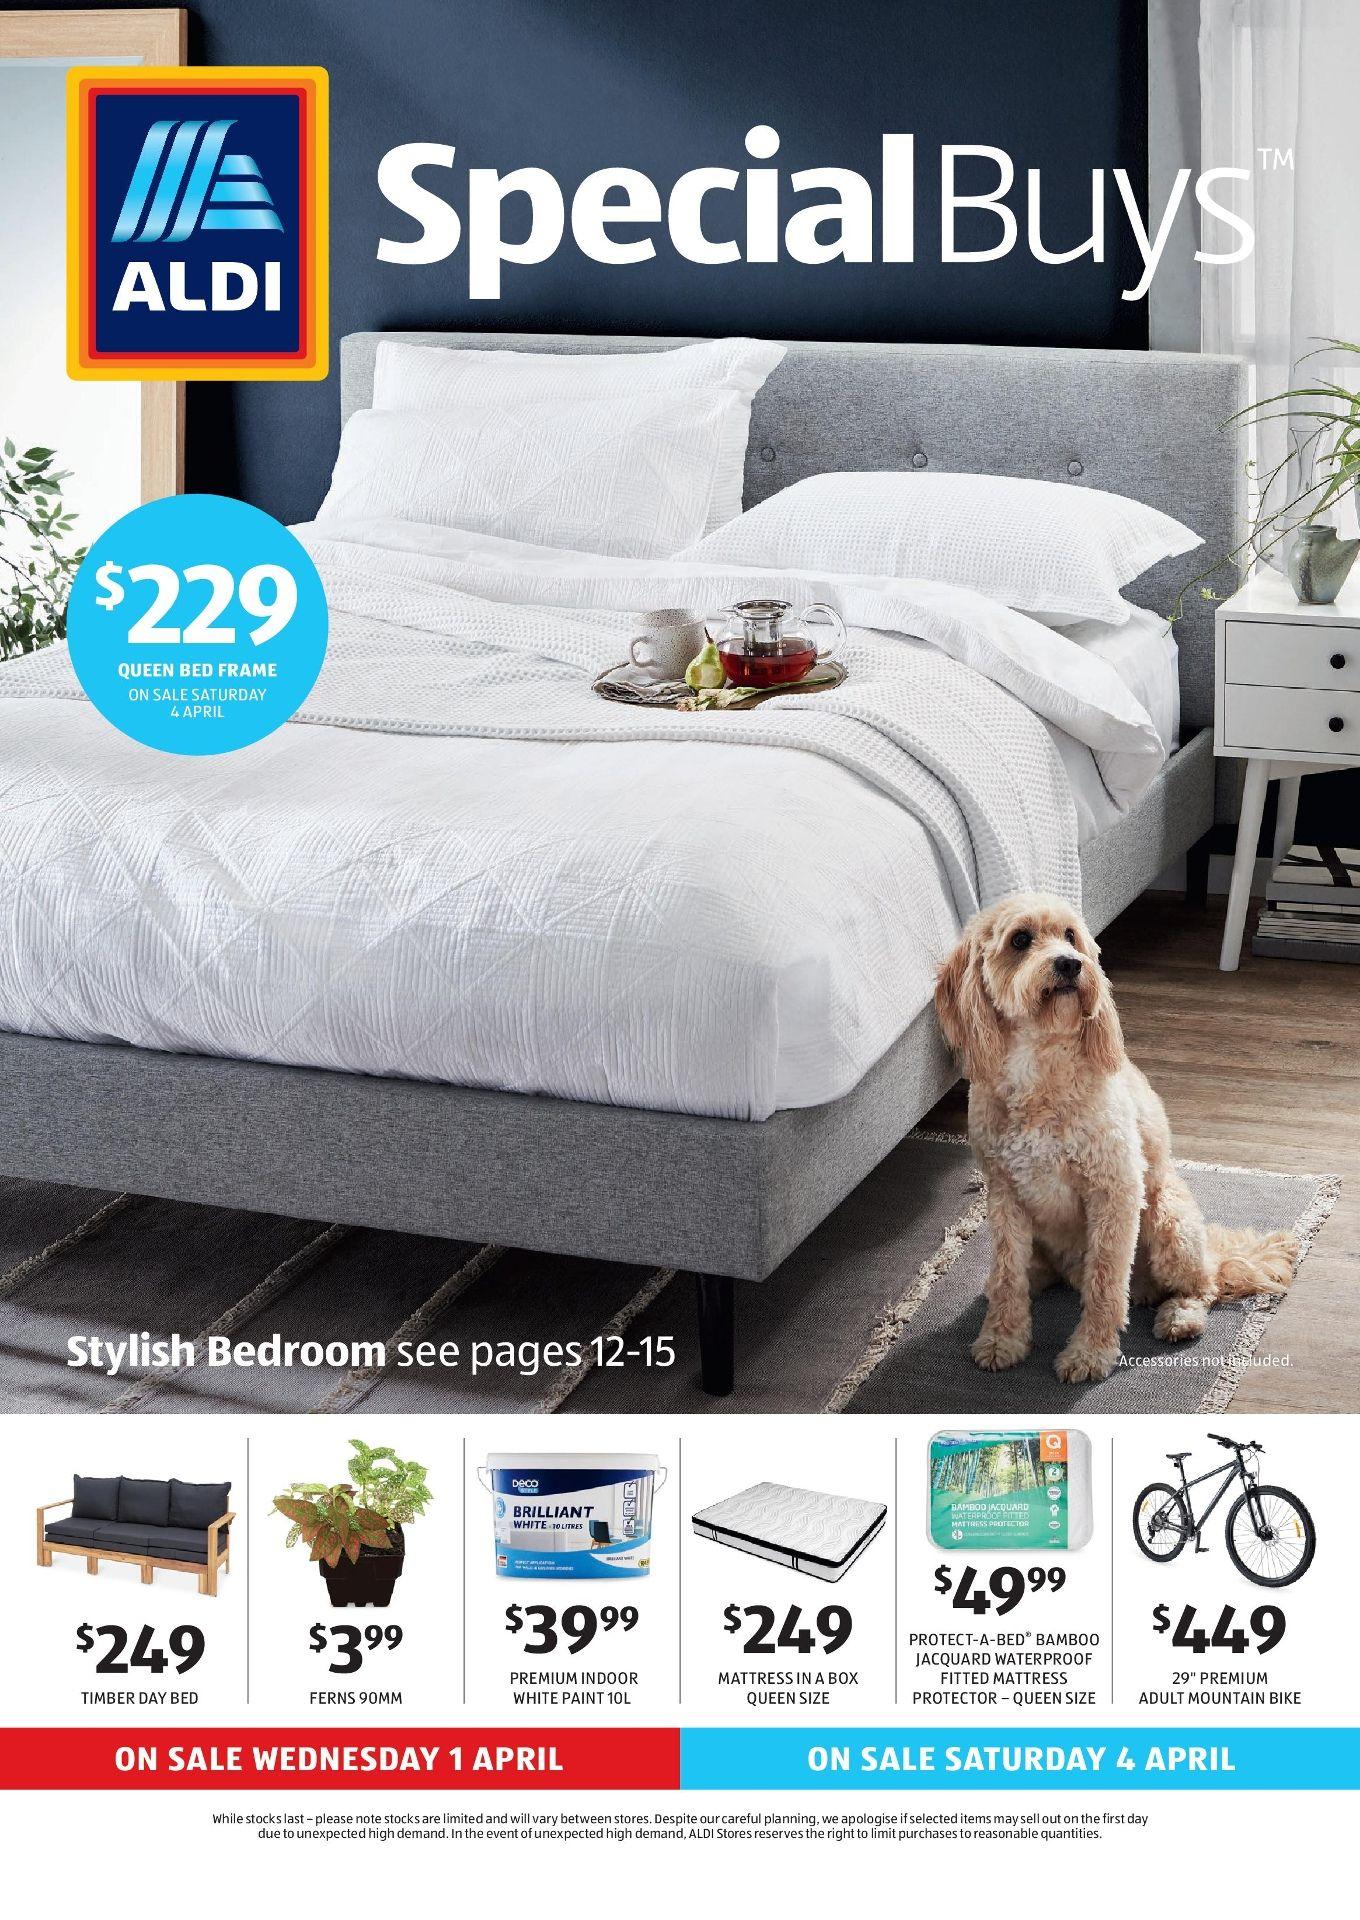 Aldi Catalogue Specials Week 14 1 7 April 2020 In 2020 Aldi Catalog Aldi Specials